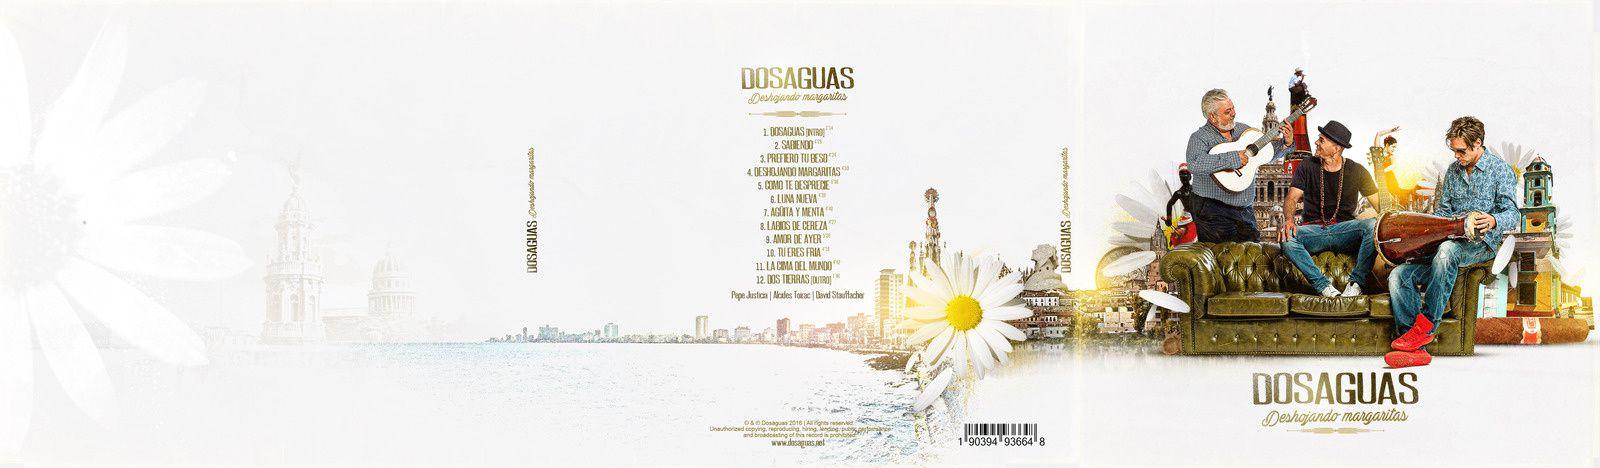 artwork for DOSAGUOS